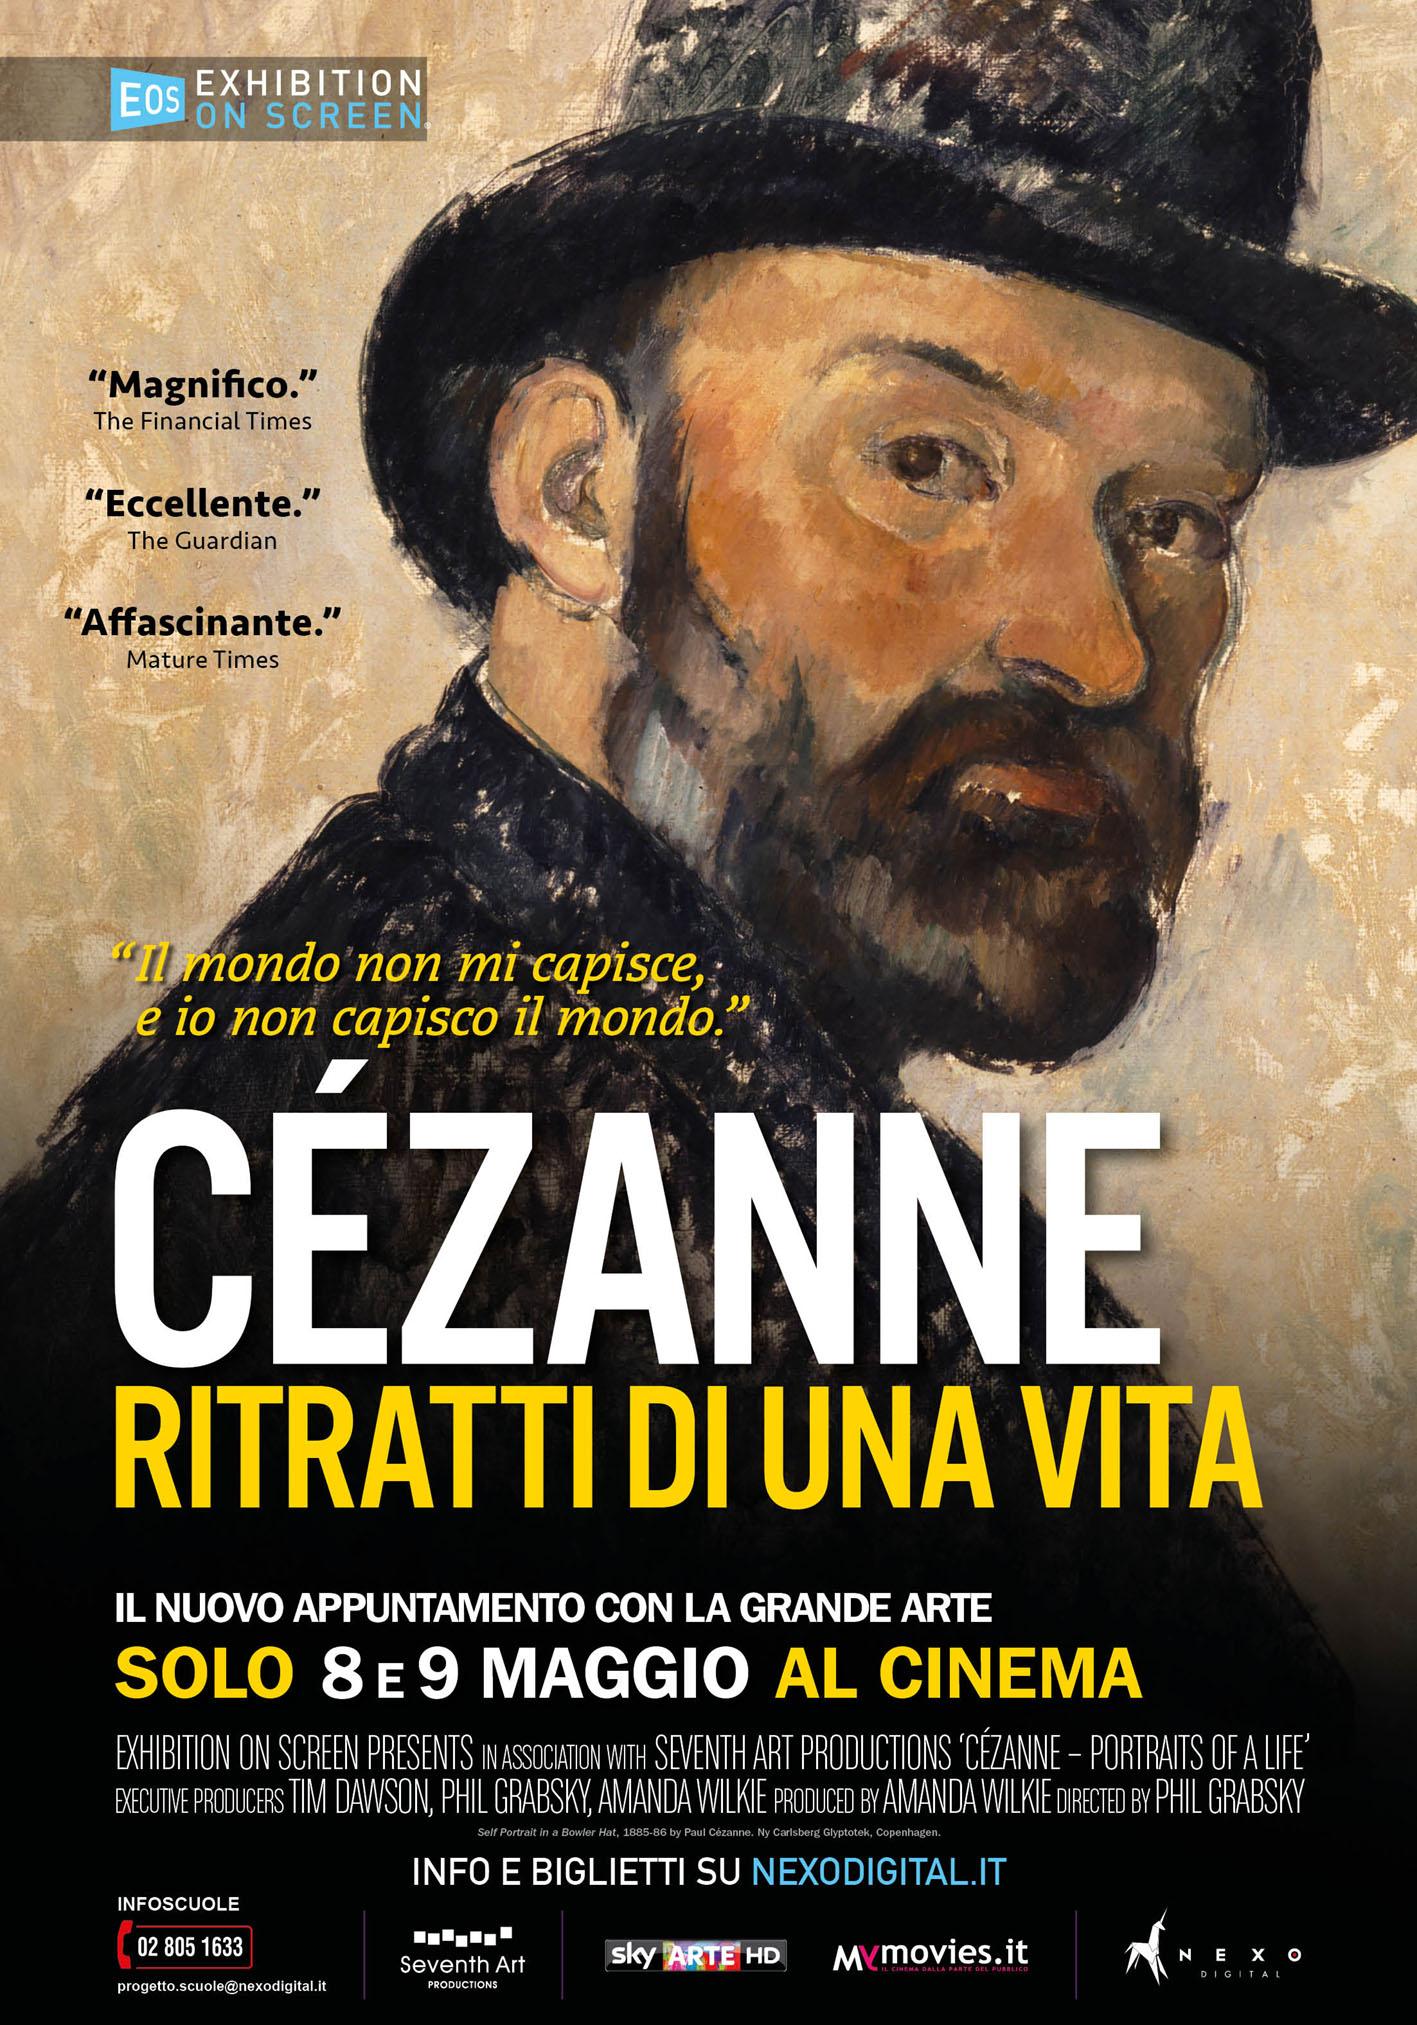 Cezanne_Ritratti_di_una_Vita